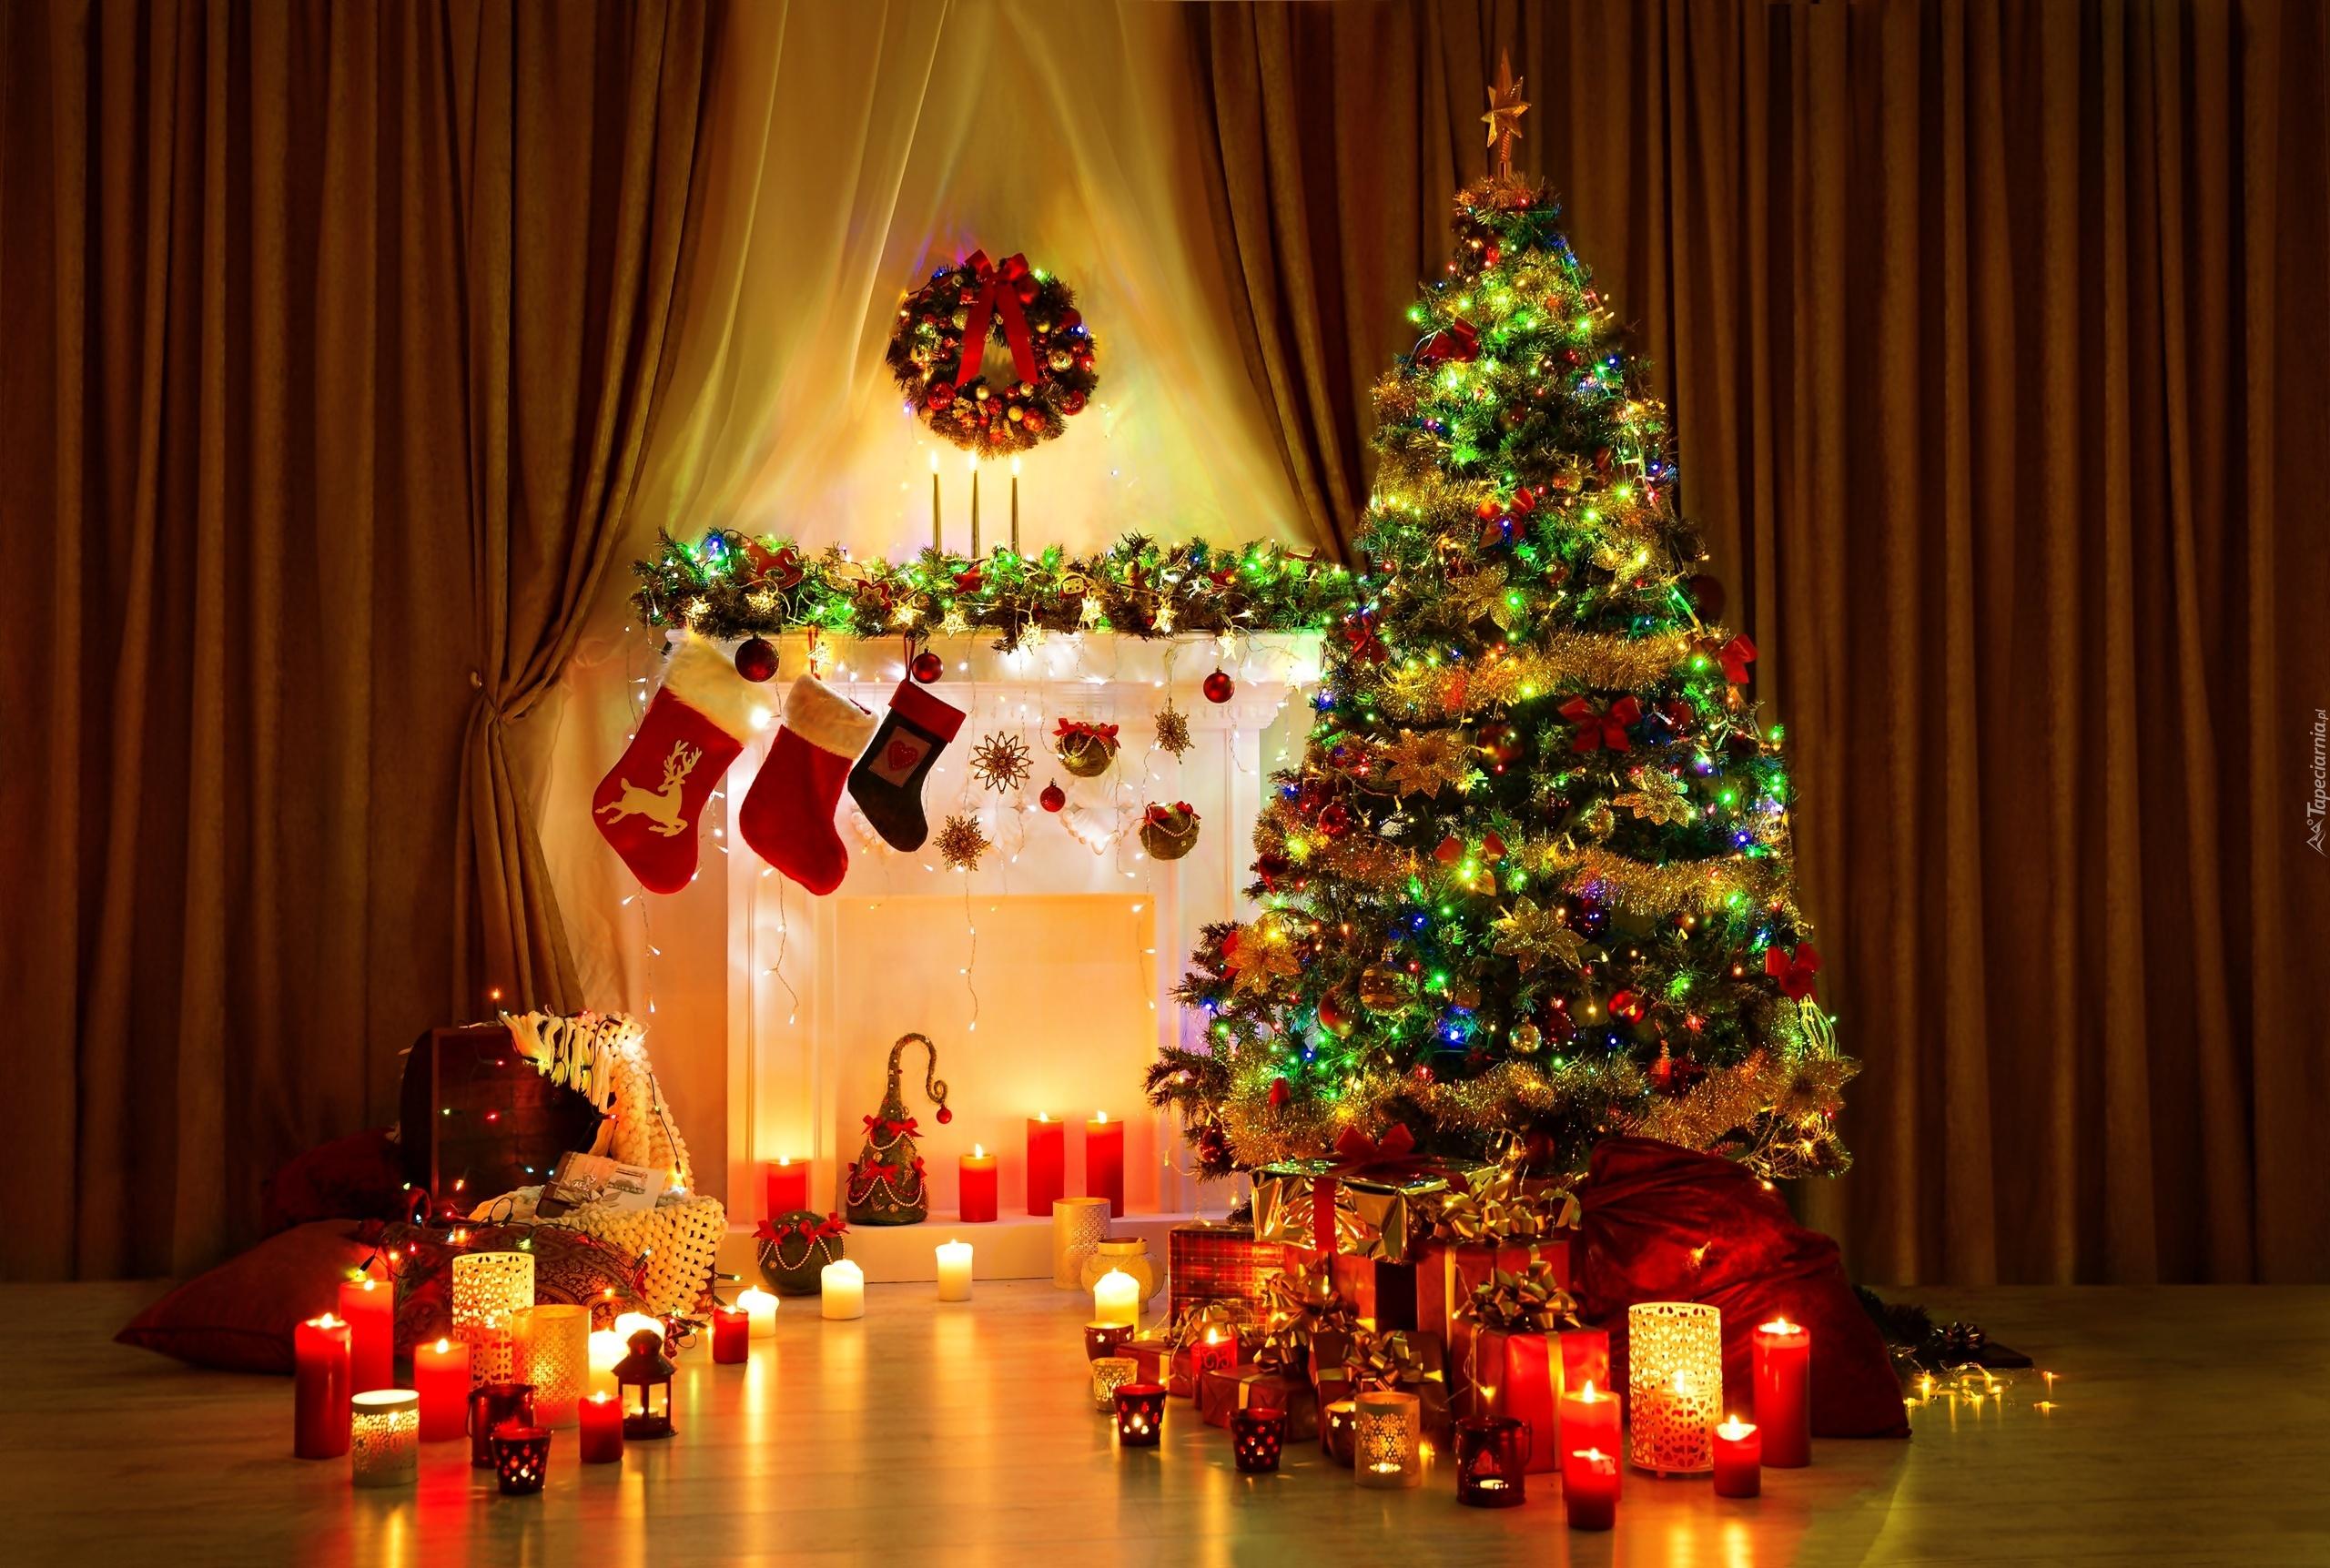 Pokój, Kominek, Choinka, Świece, Prezenty, Boże Narodzenie